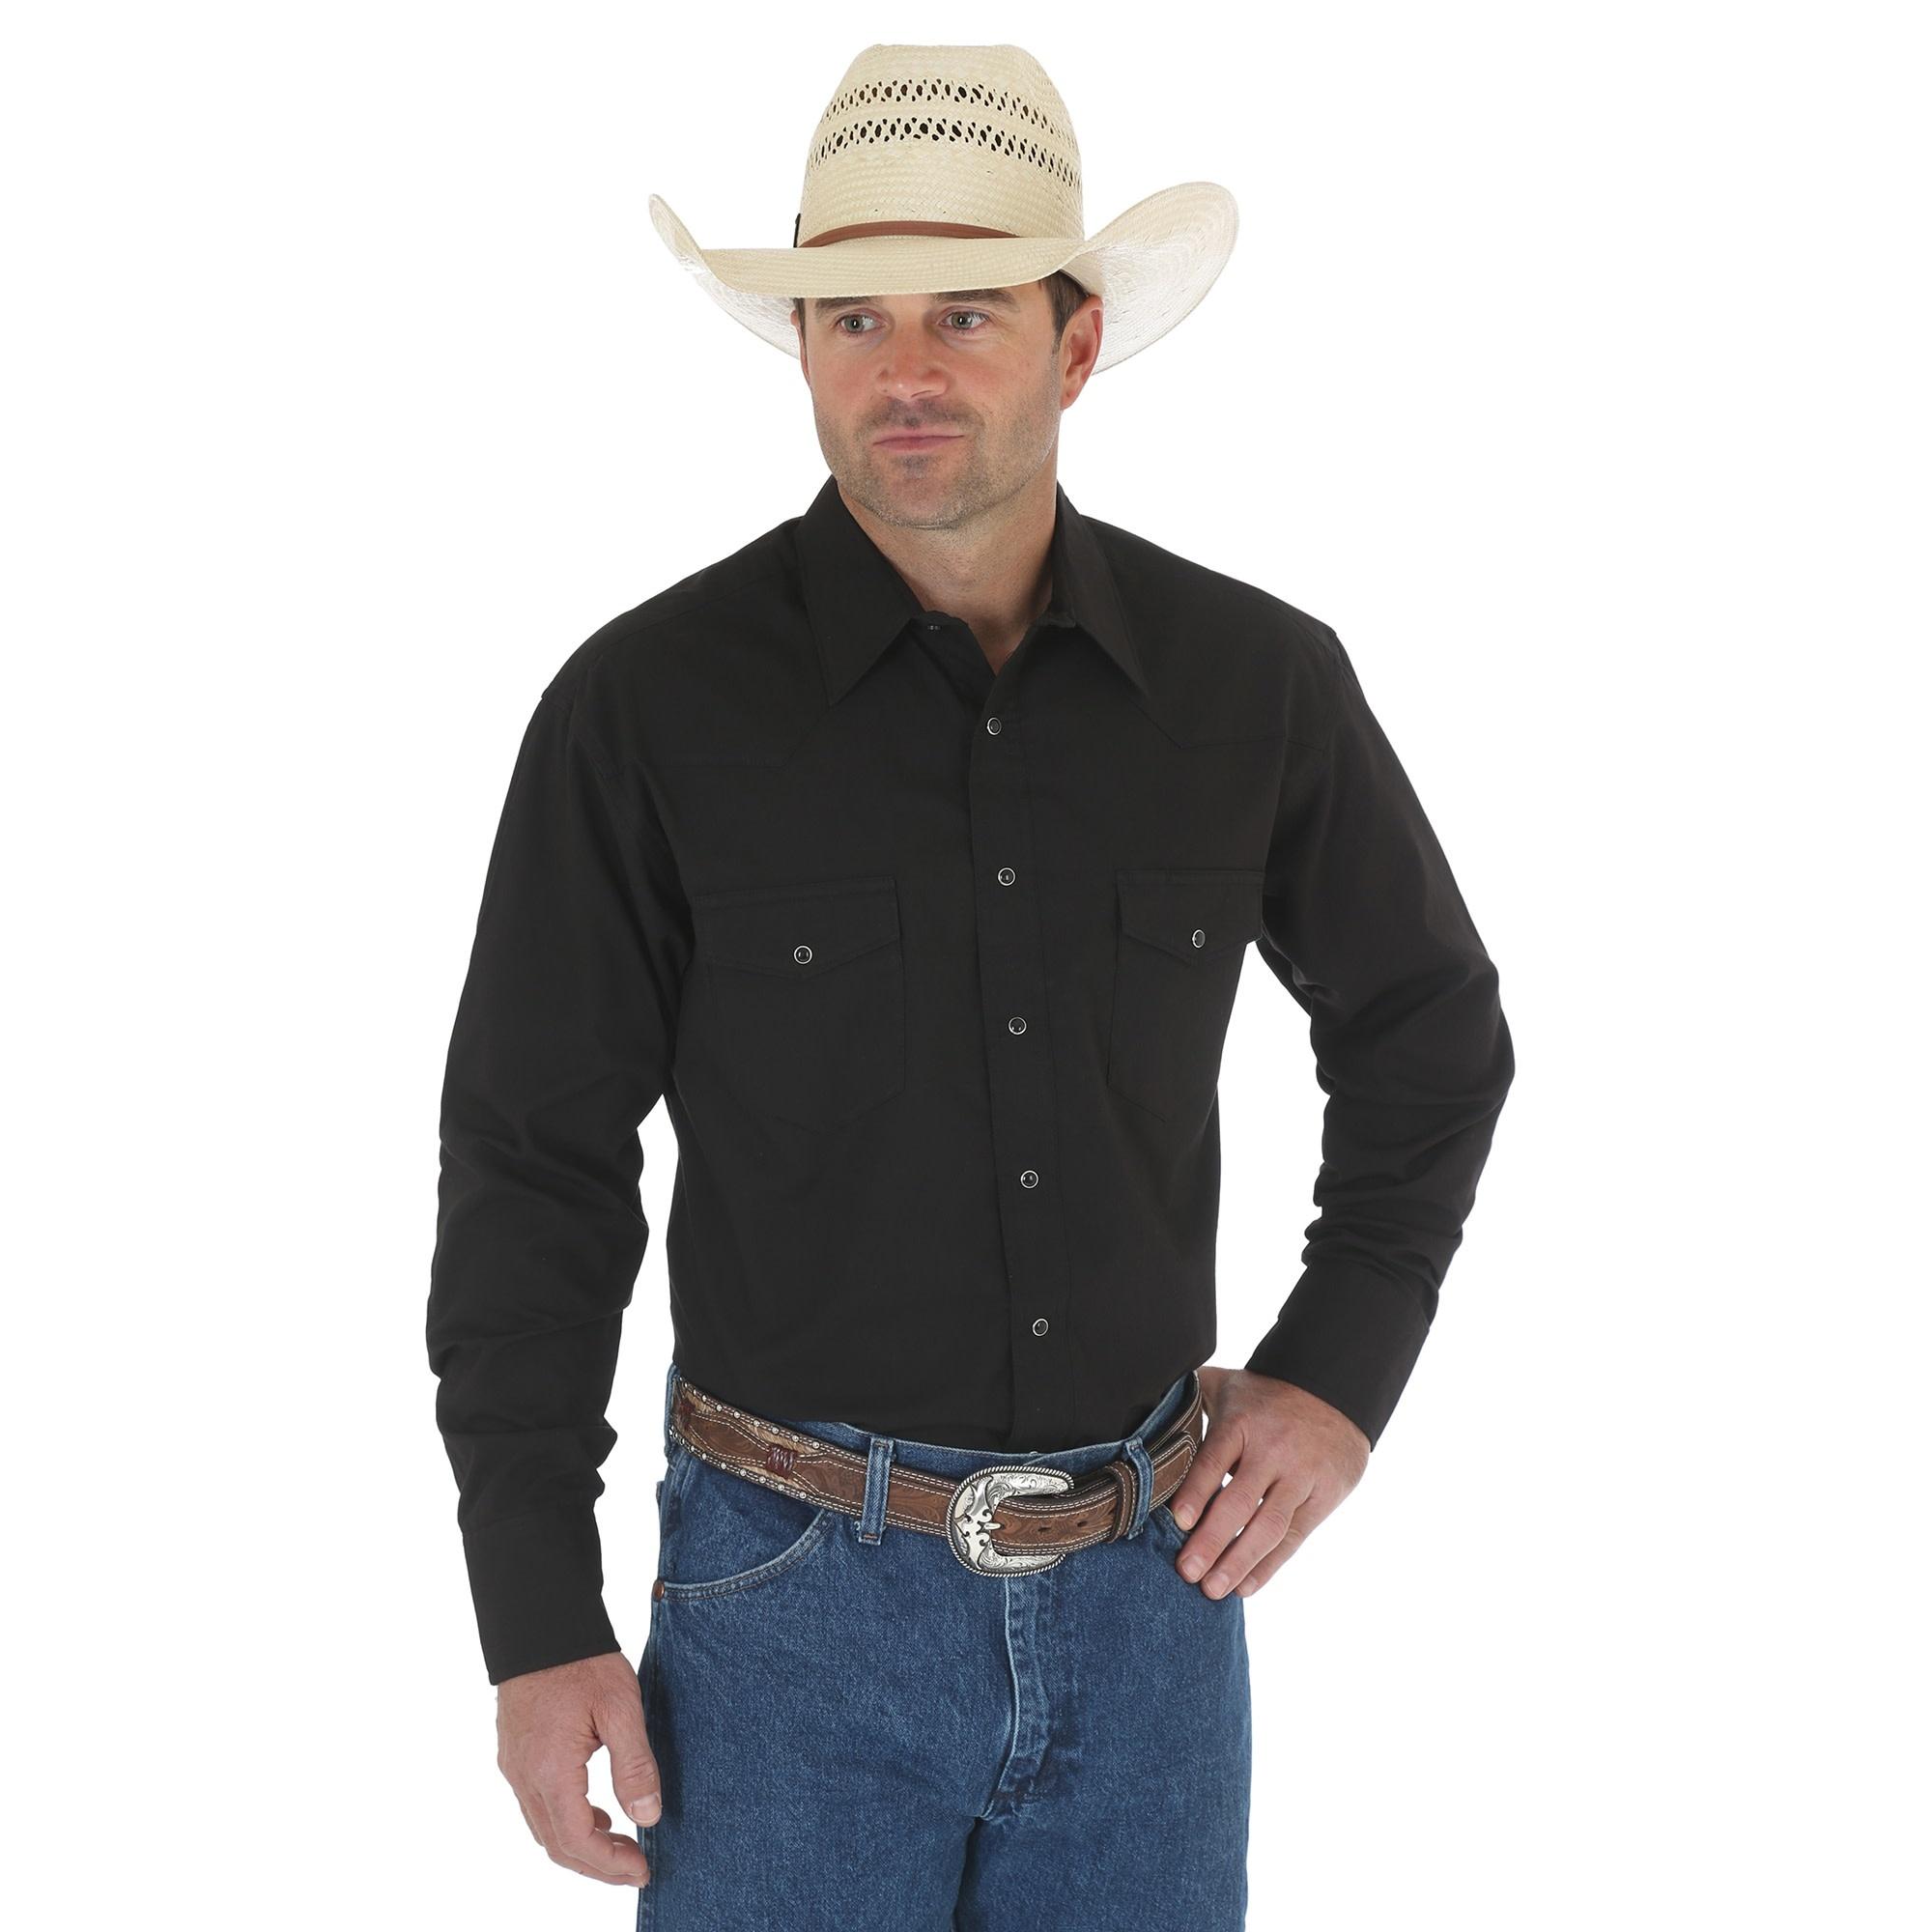 Wrangler Wrangler Sport Western Snap Shirt - Black